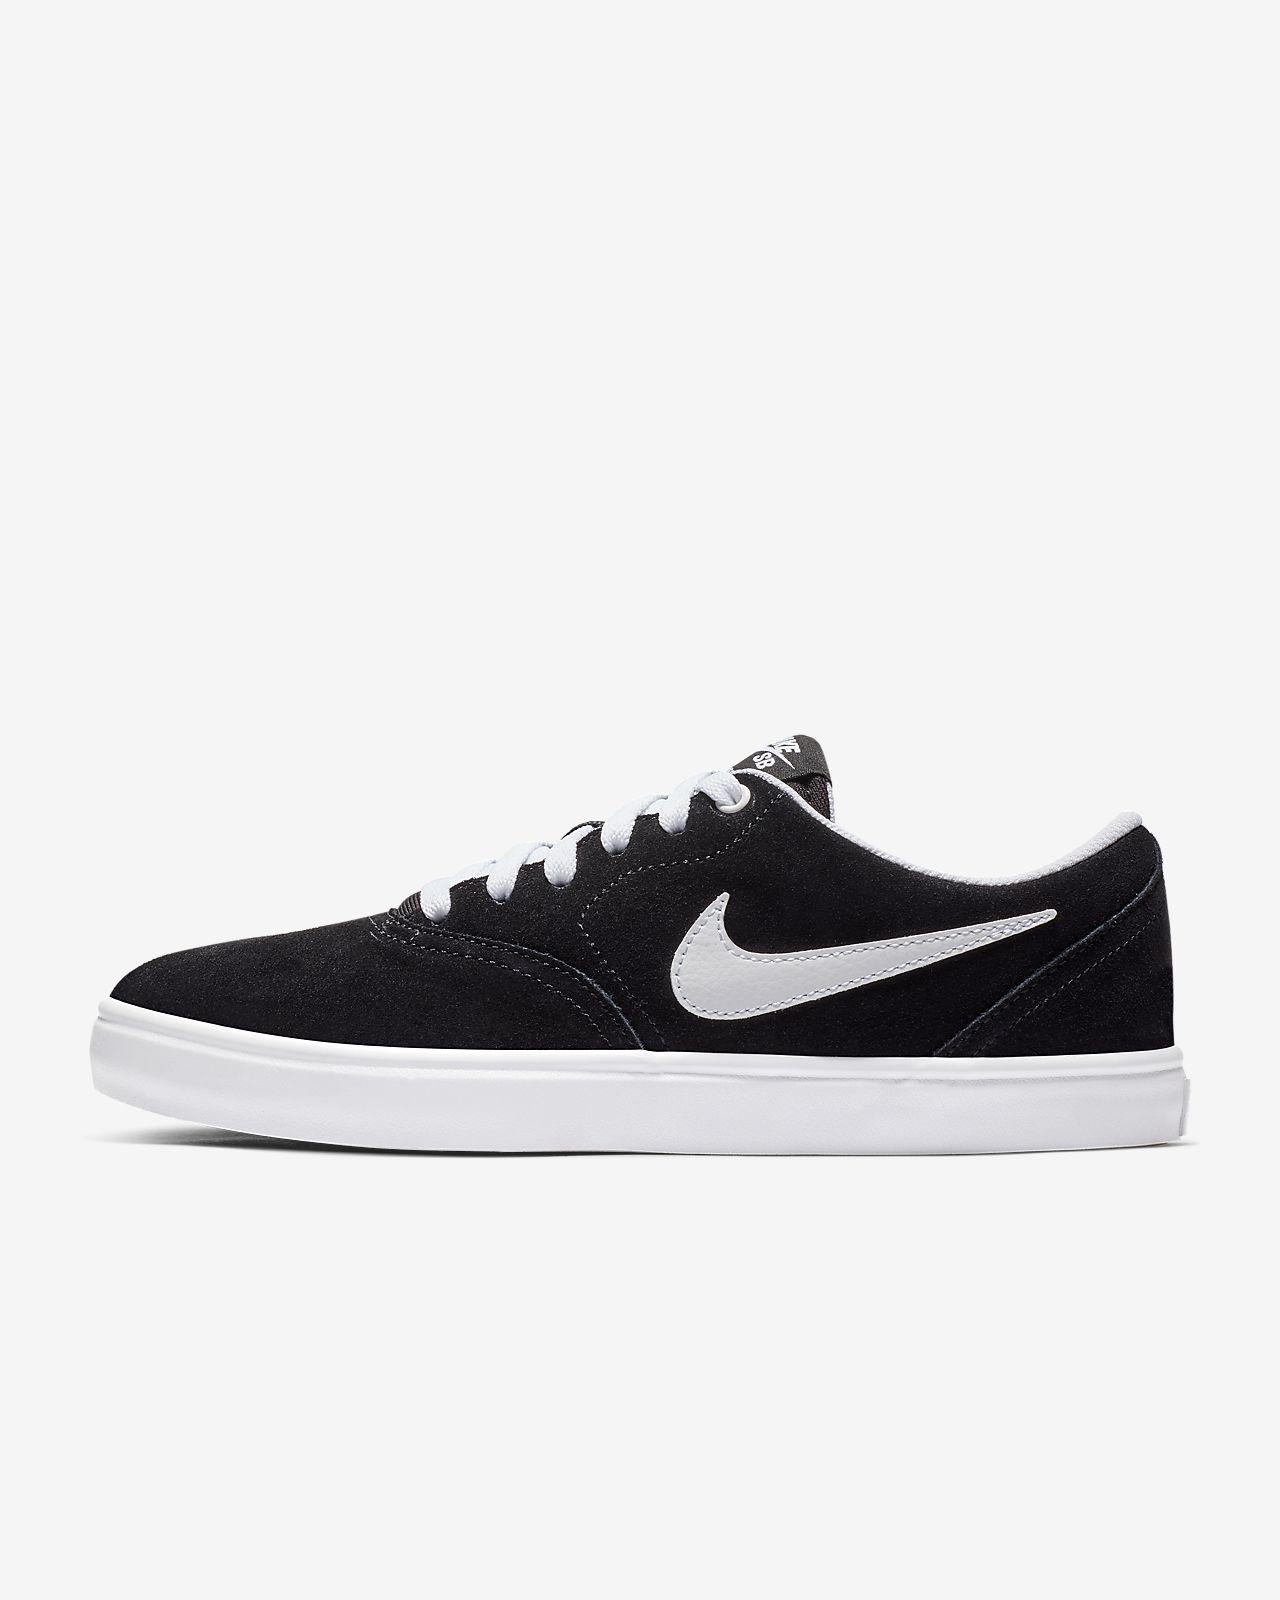 Nike SB Check Solarsoft Women's Skate Shoe